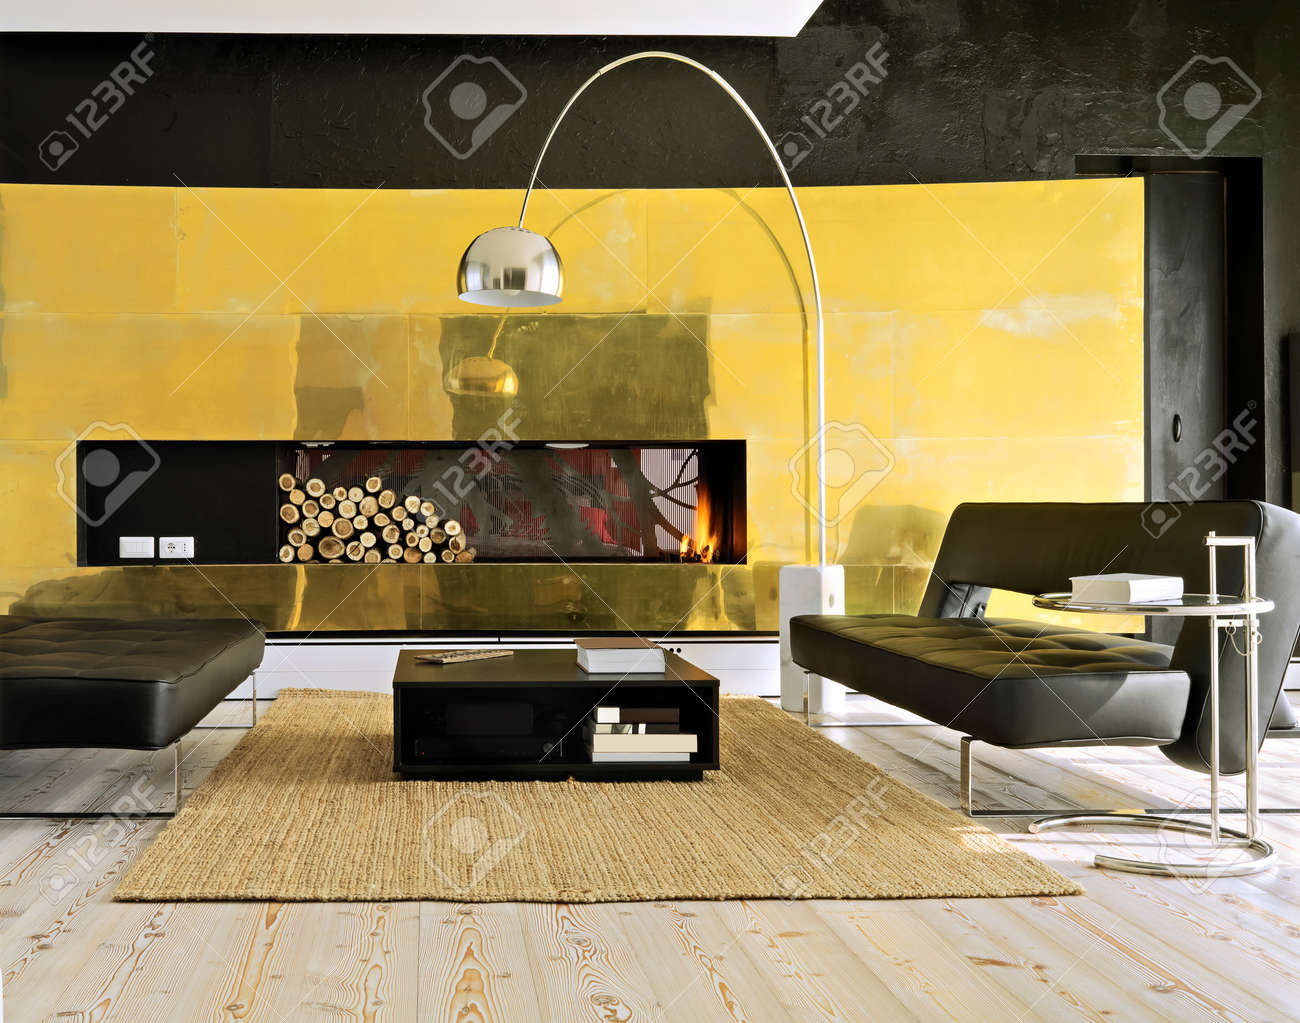 Zwei Moderne Ledersofa In Der Nähe In Der Modernen Wohnzimmer-Kamin ...